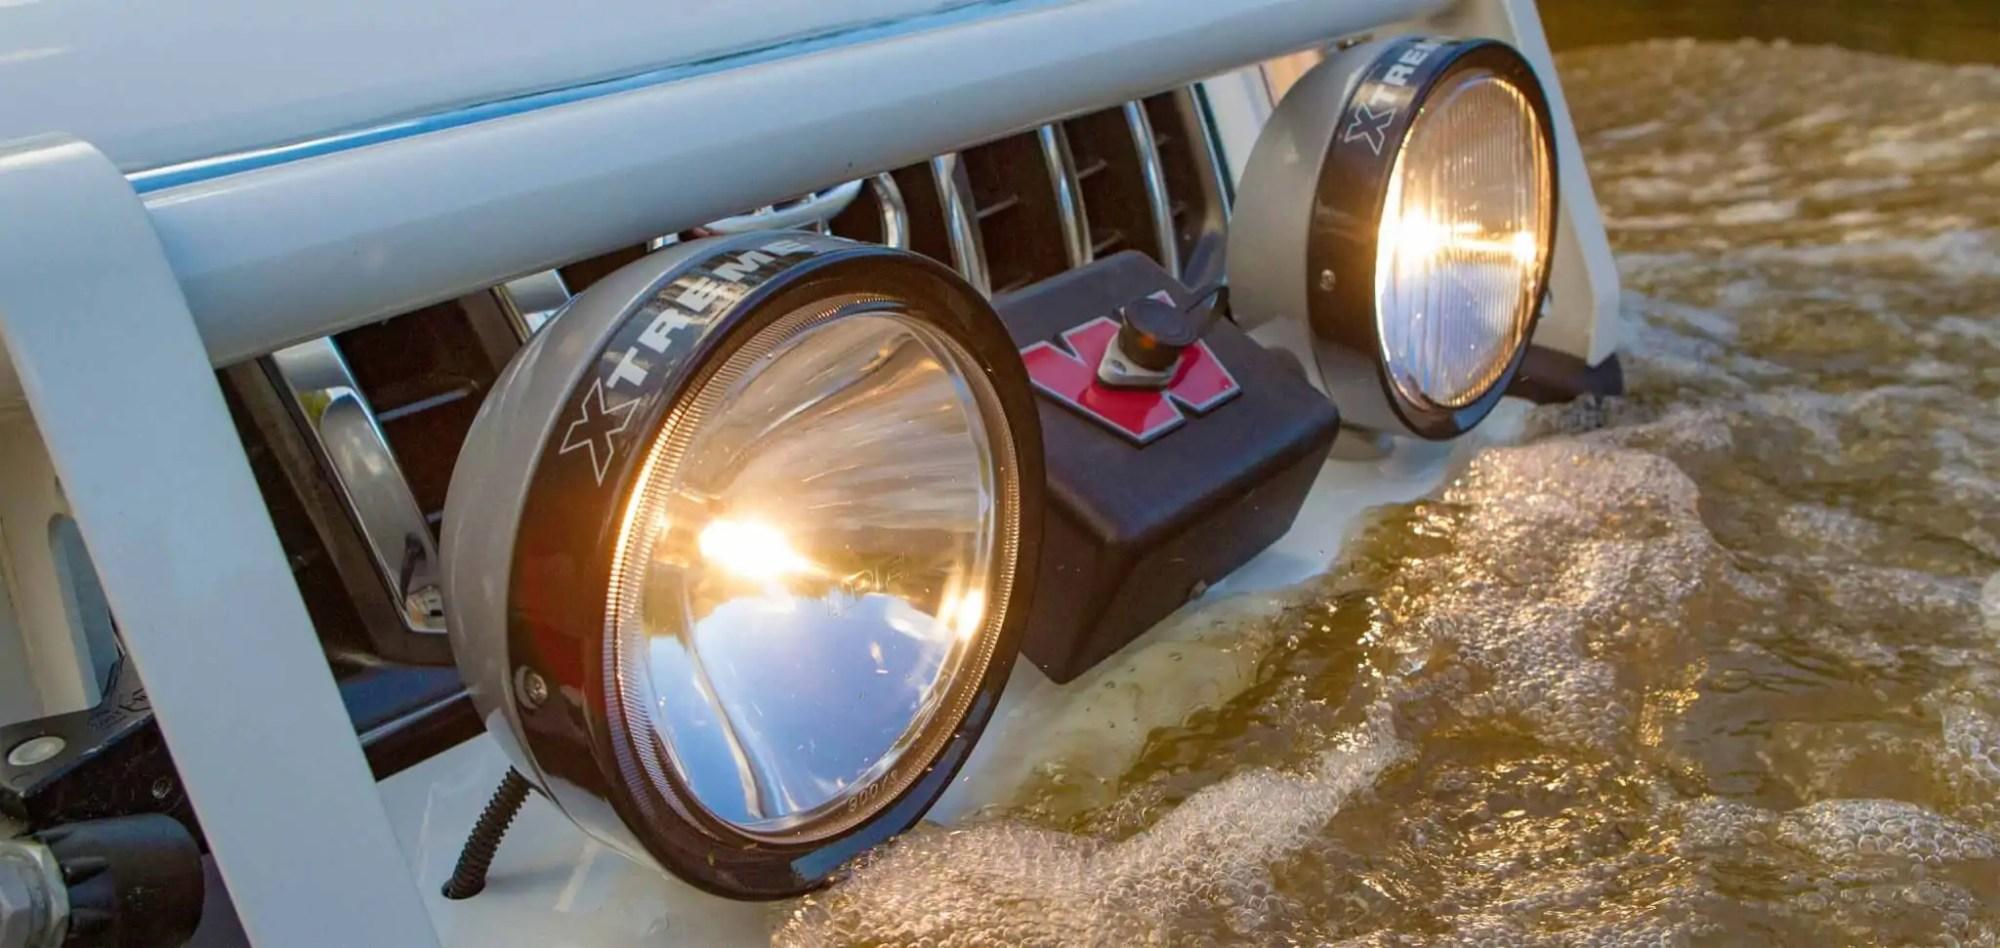 hight resolution of ipf lighting range